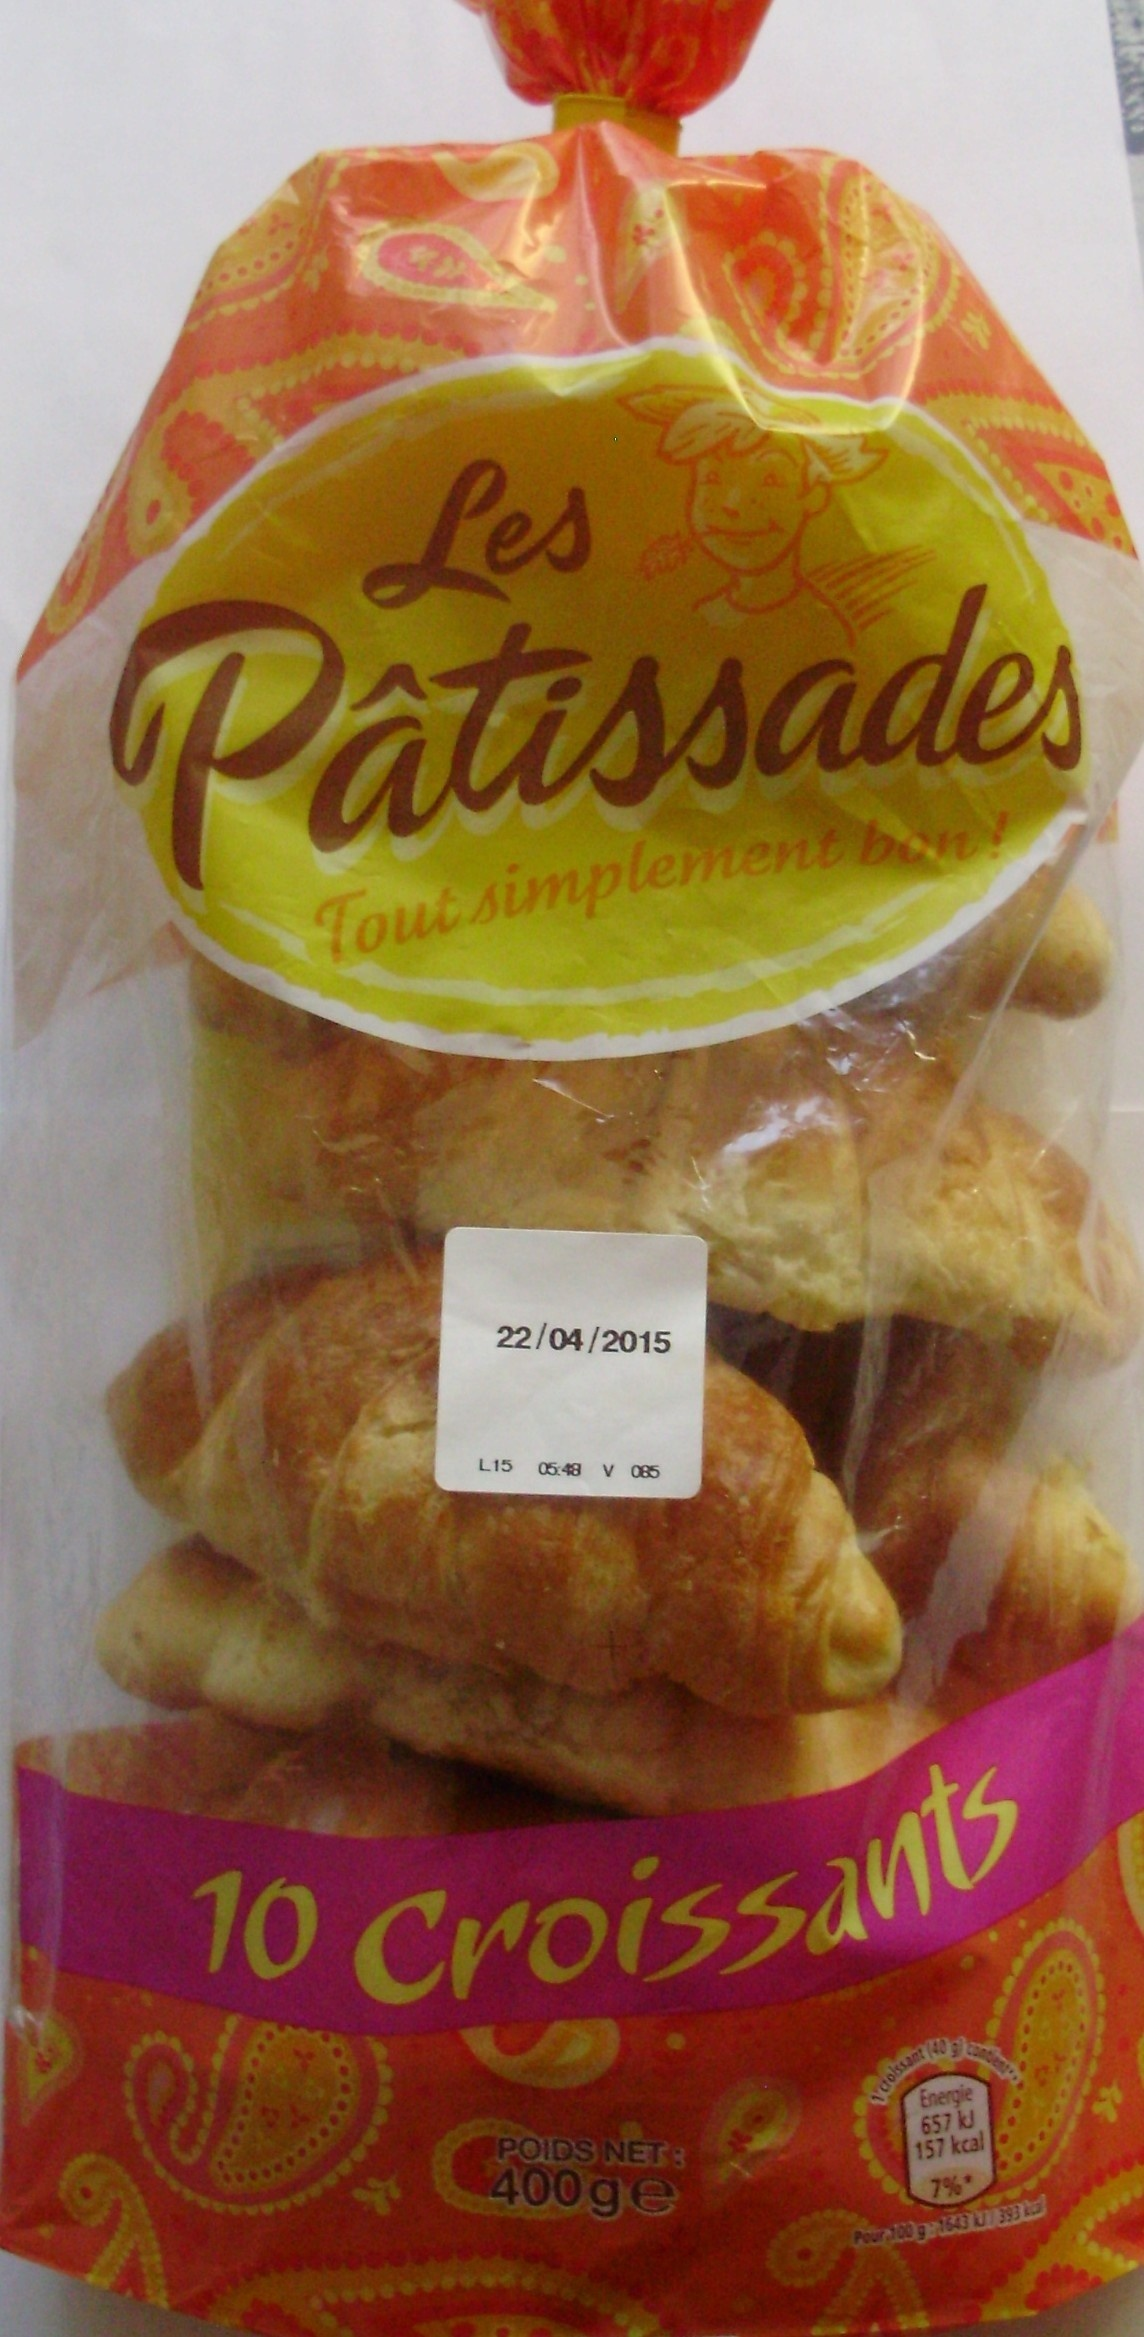 10 Croissants - Product